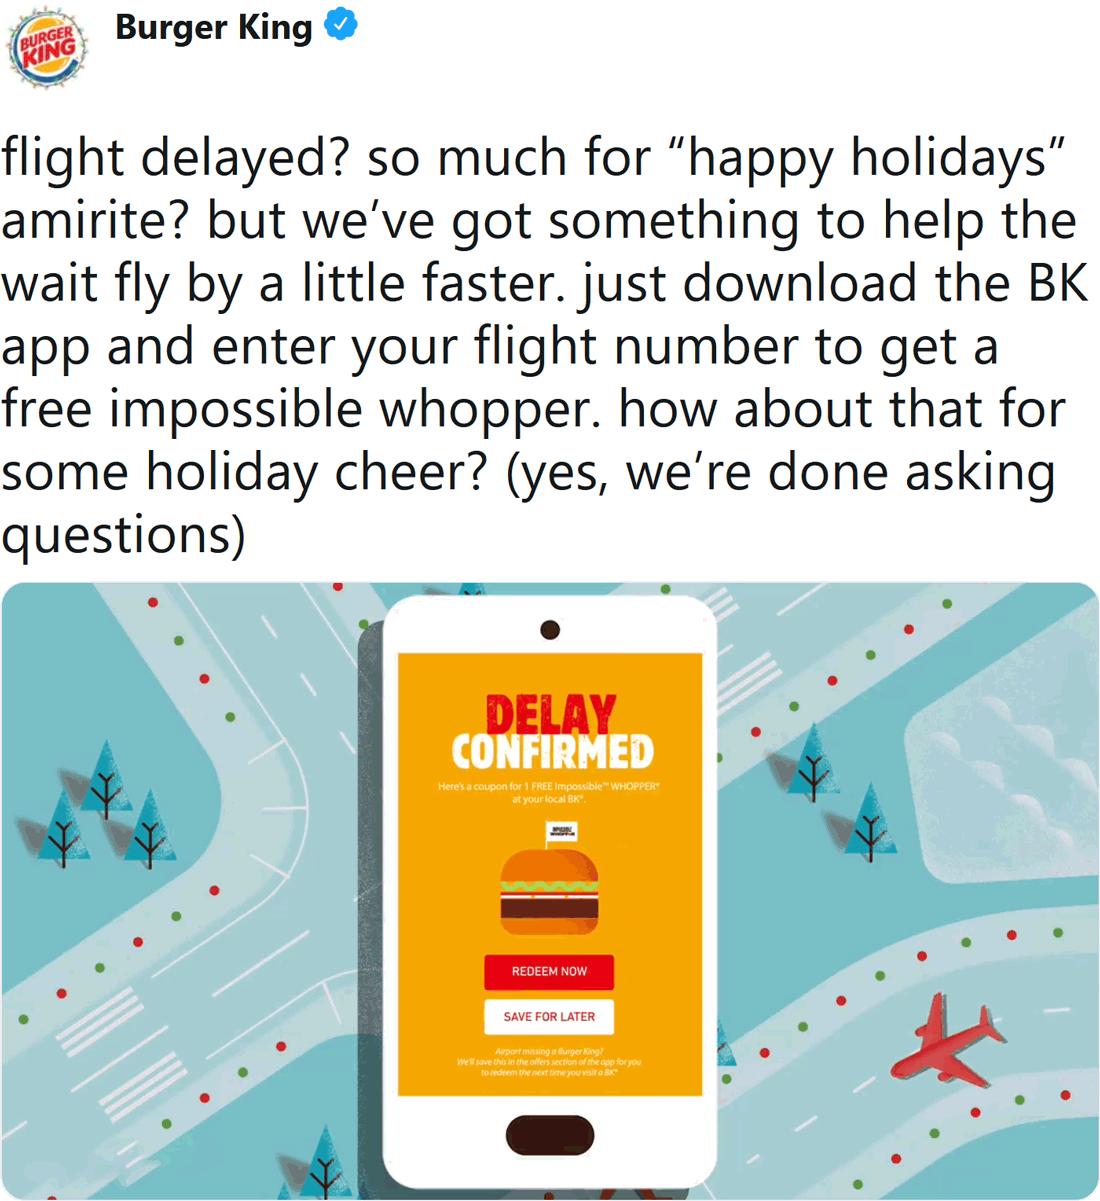 Burger King Coupon January 2020 Delayed flights = free whopper at Burger King